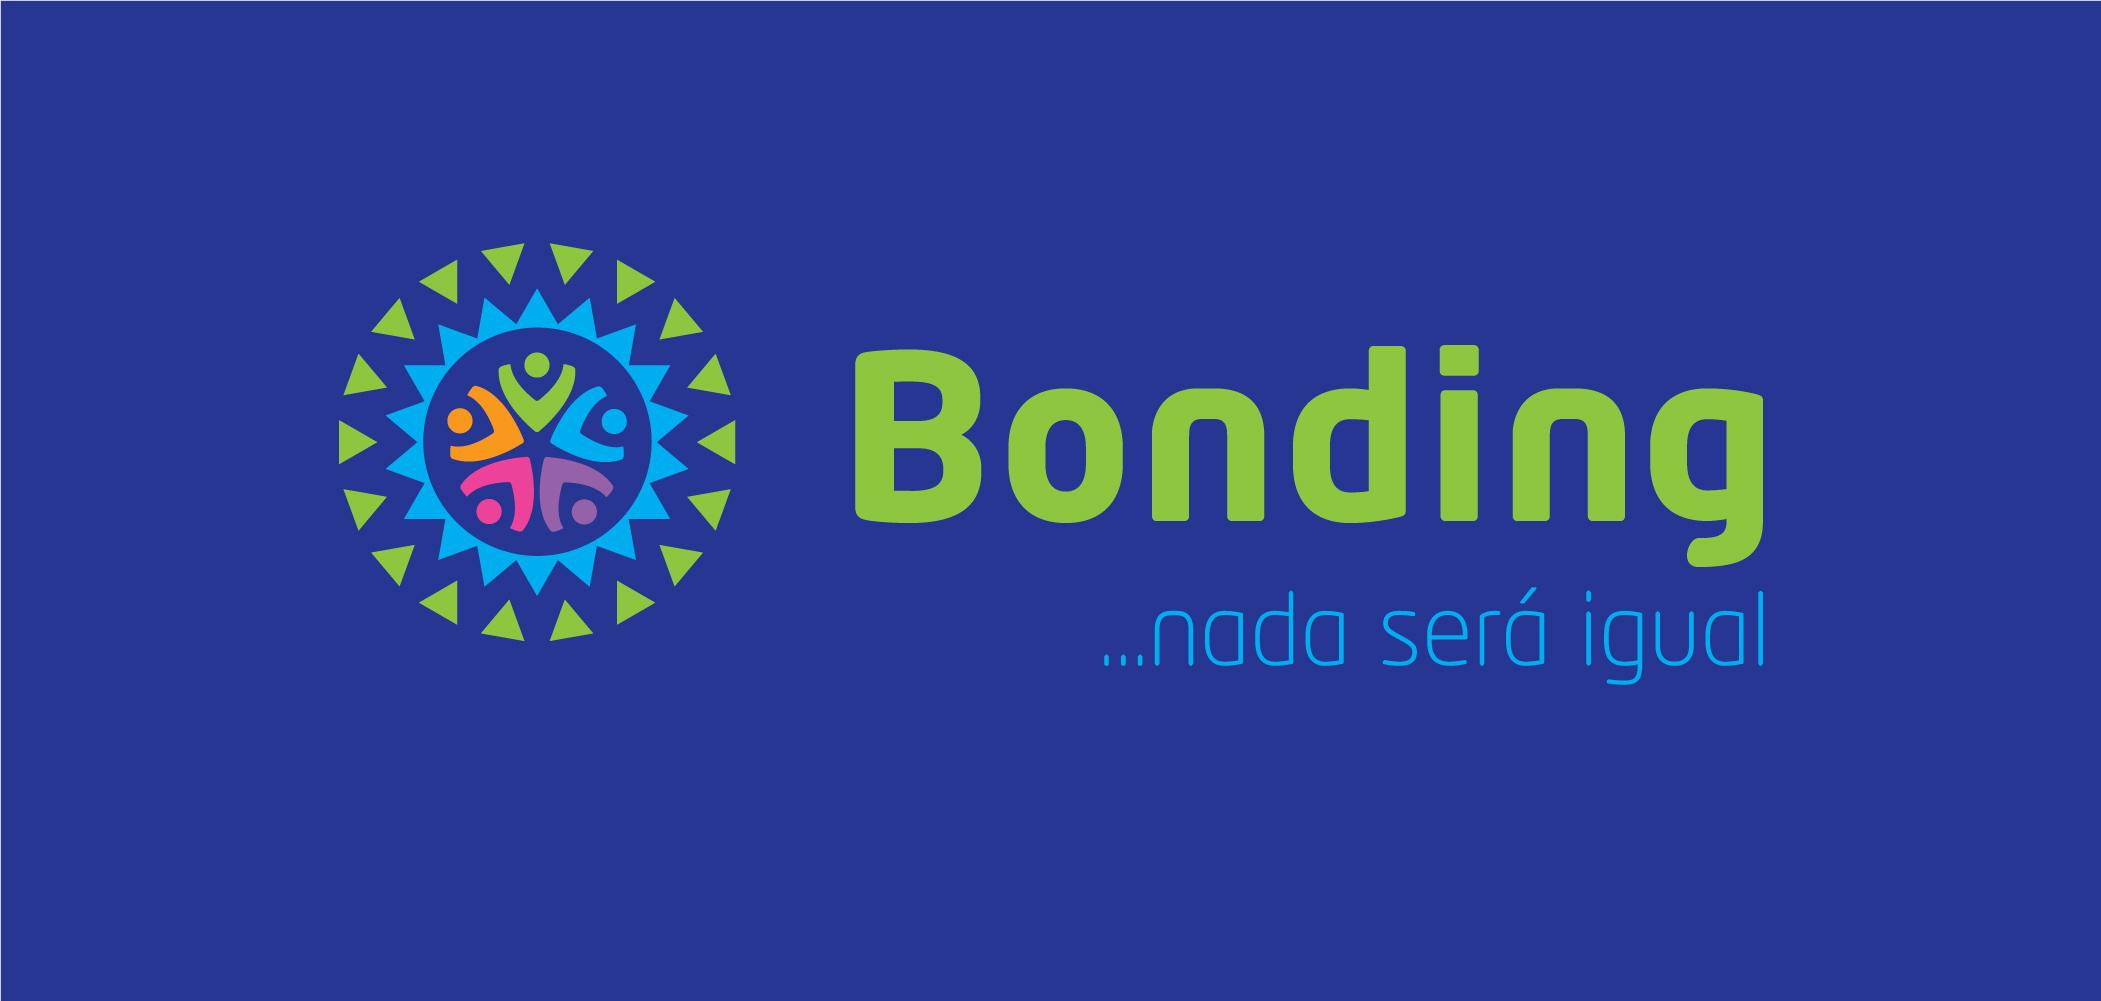 Diseño-identidad-de-marca-Bonding